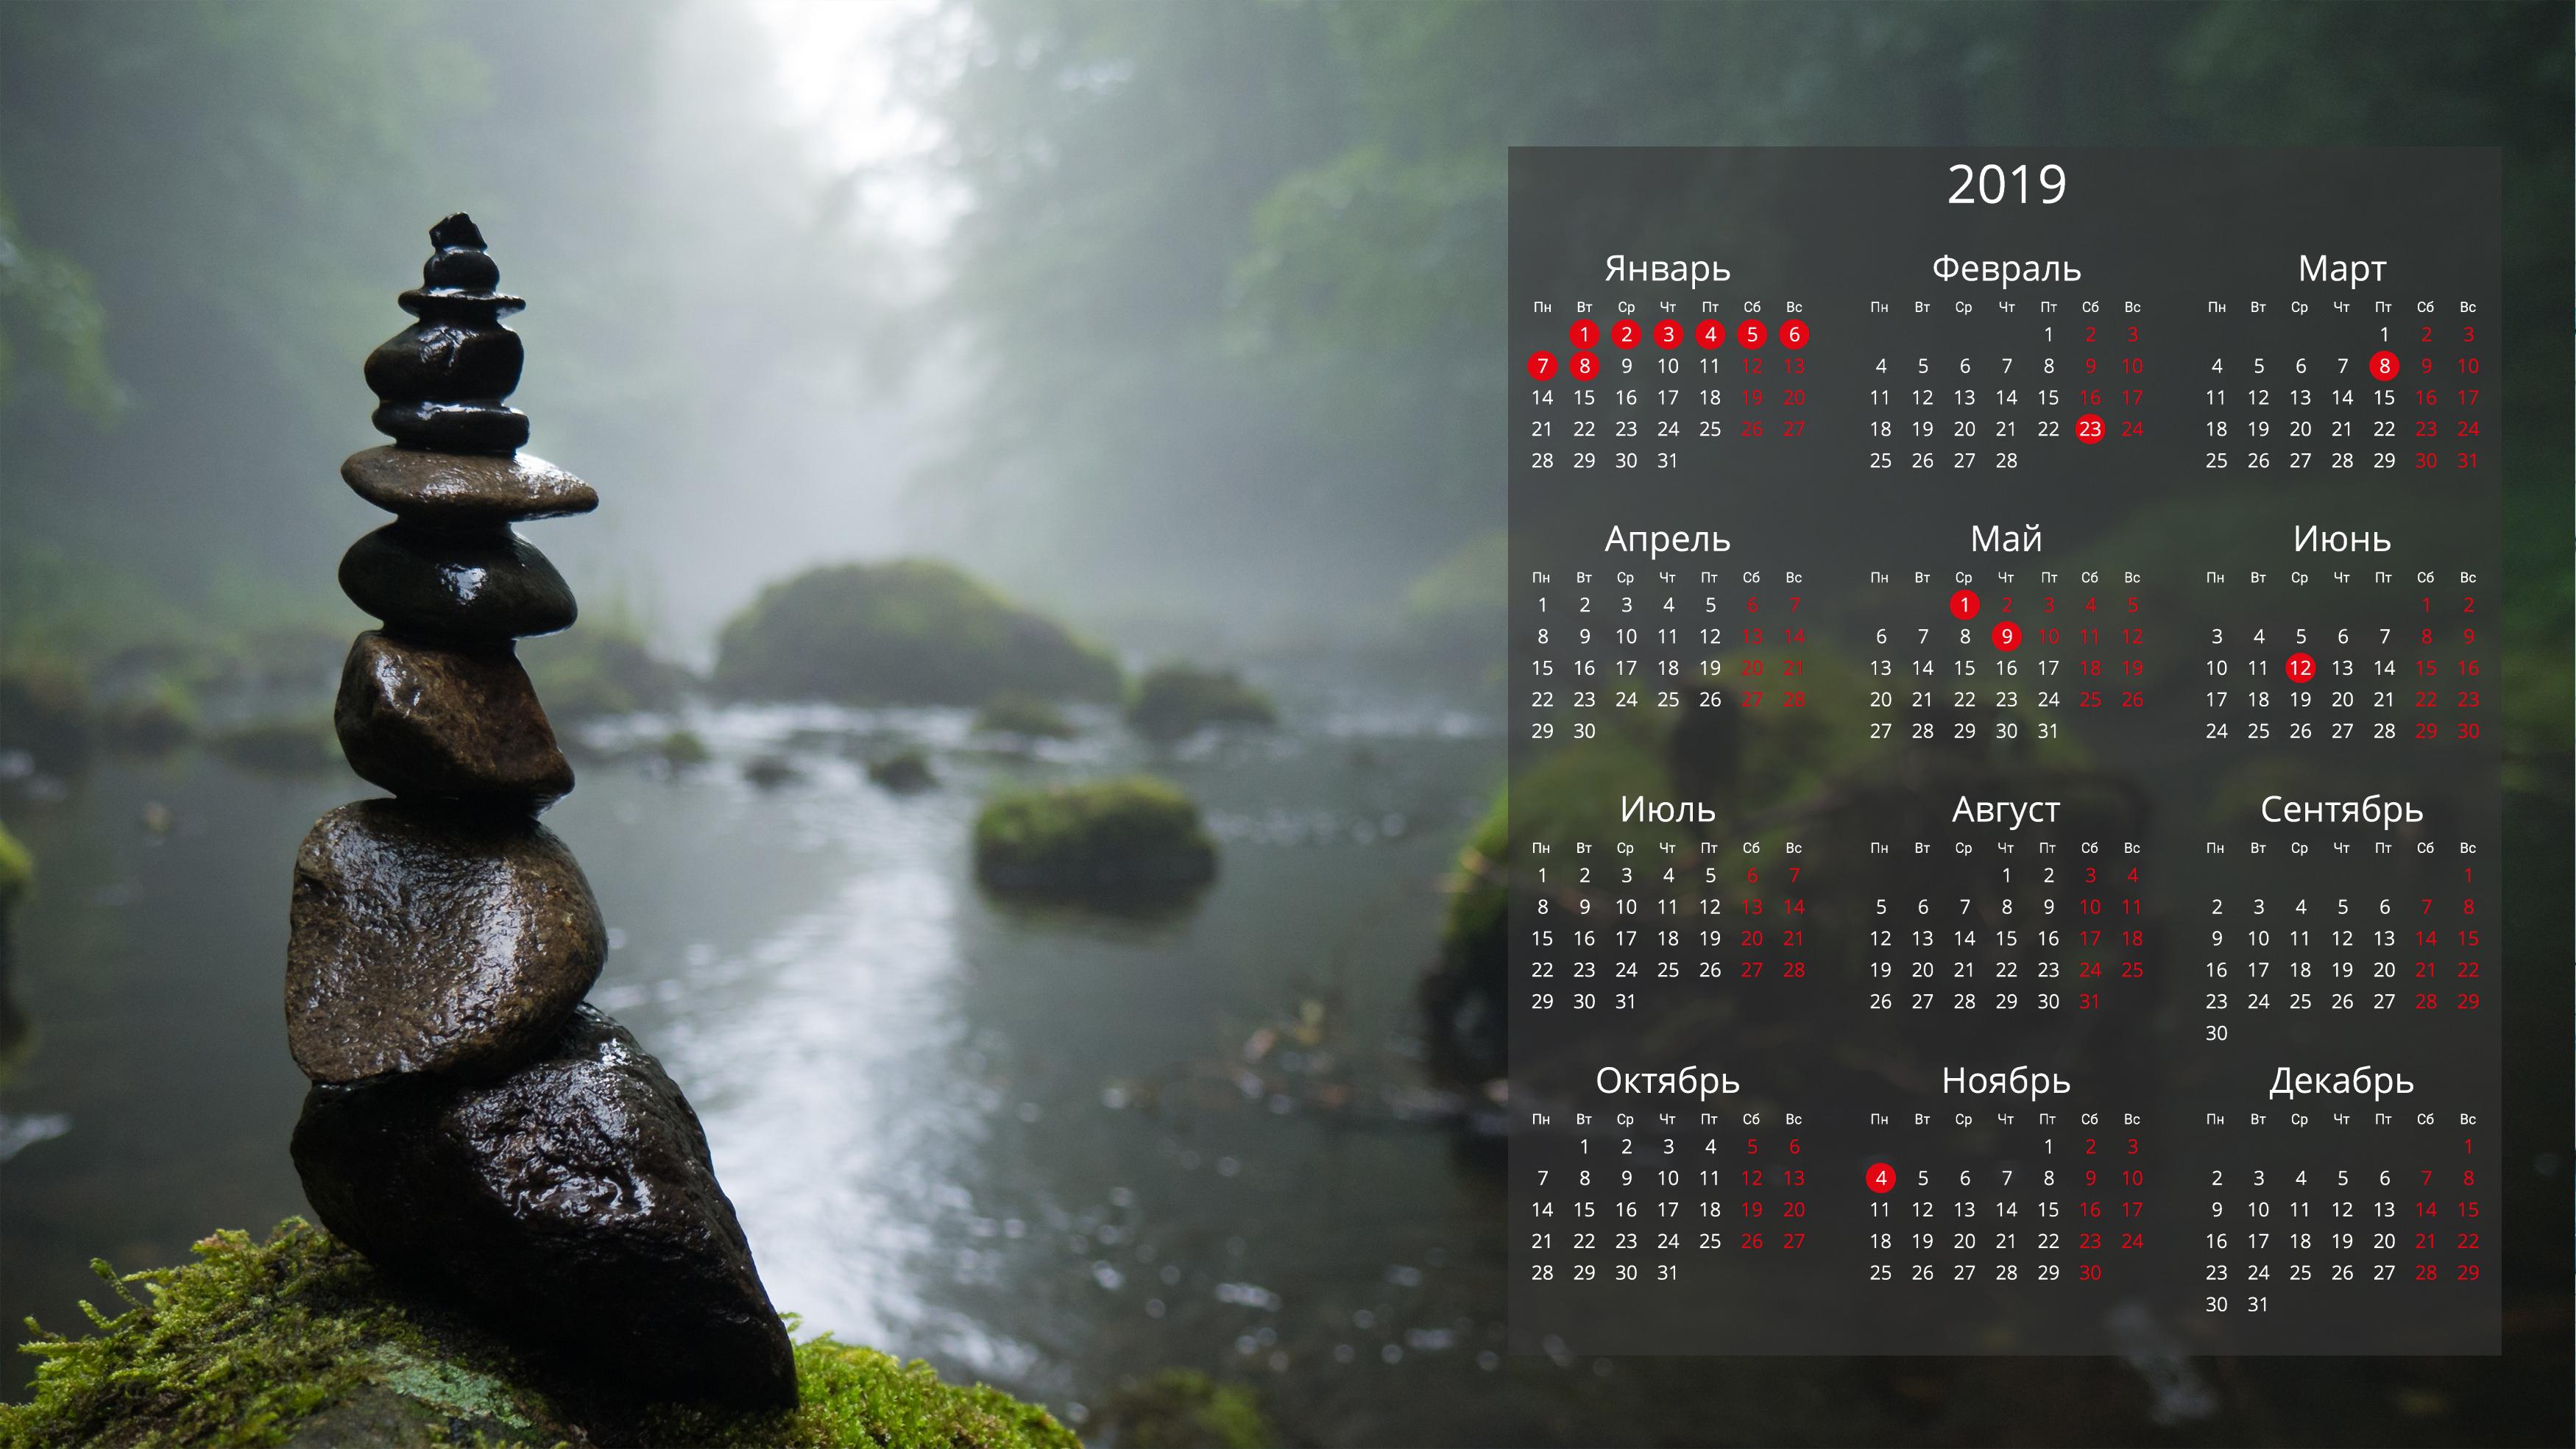 Skachat Kalendar Na Rabochij Stol 2019 Besplatno V Vysokom Razreshenii